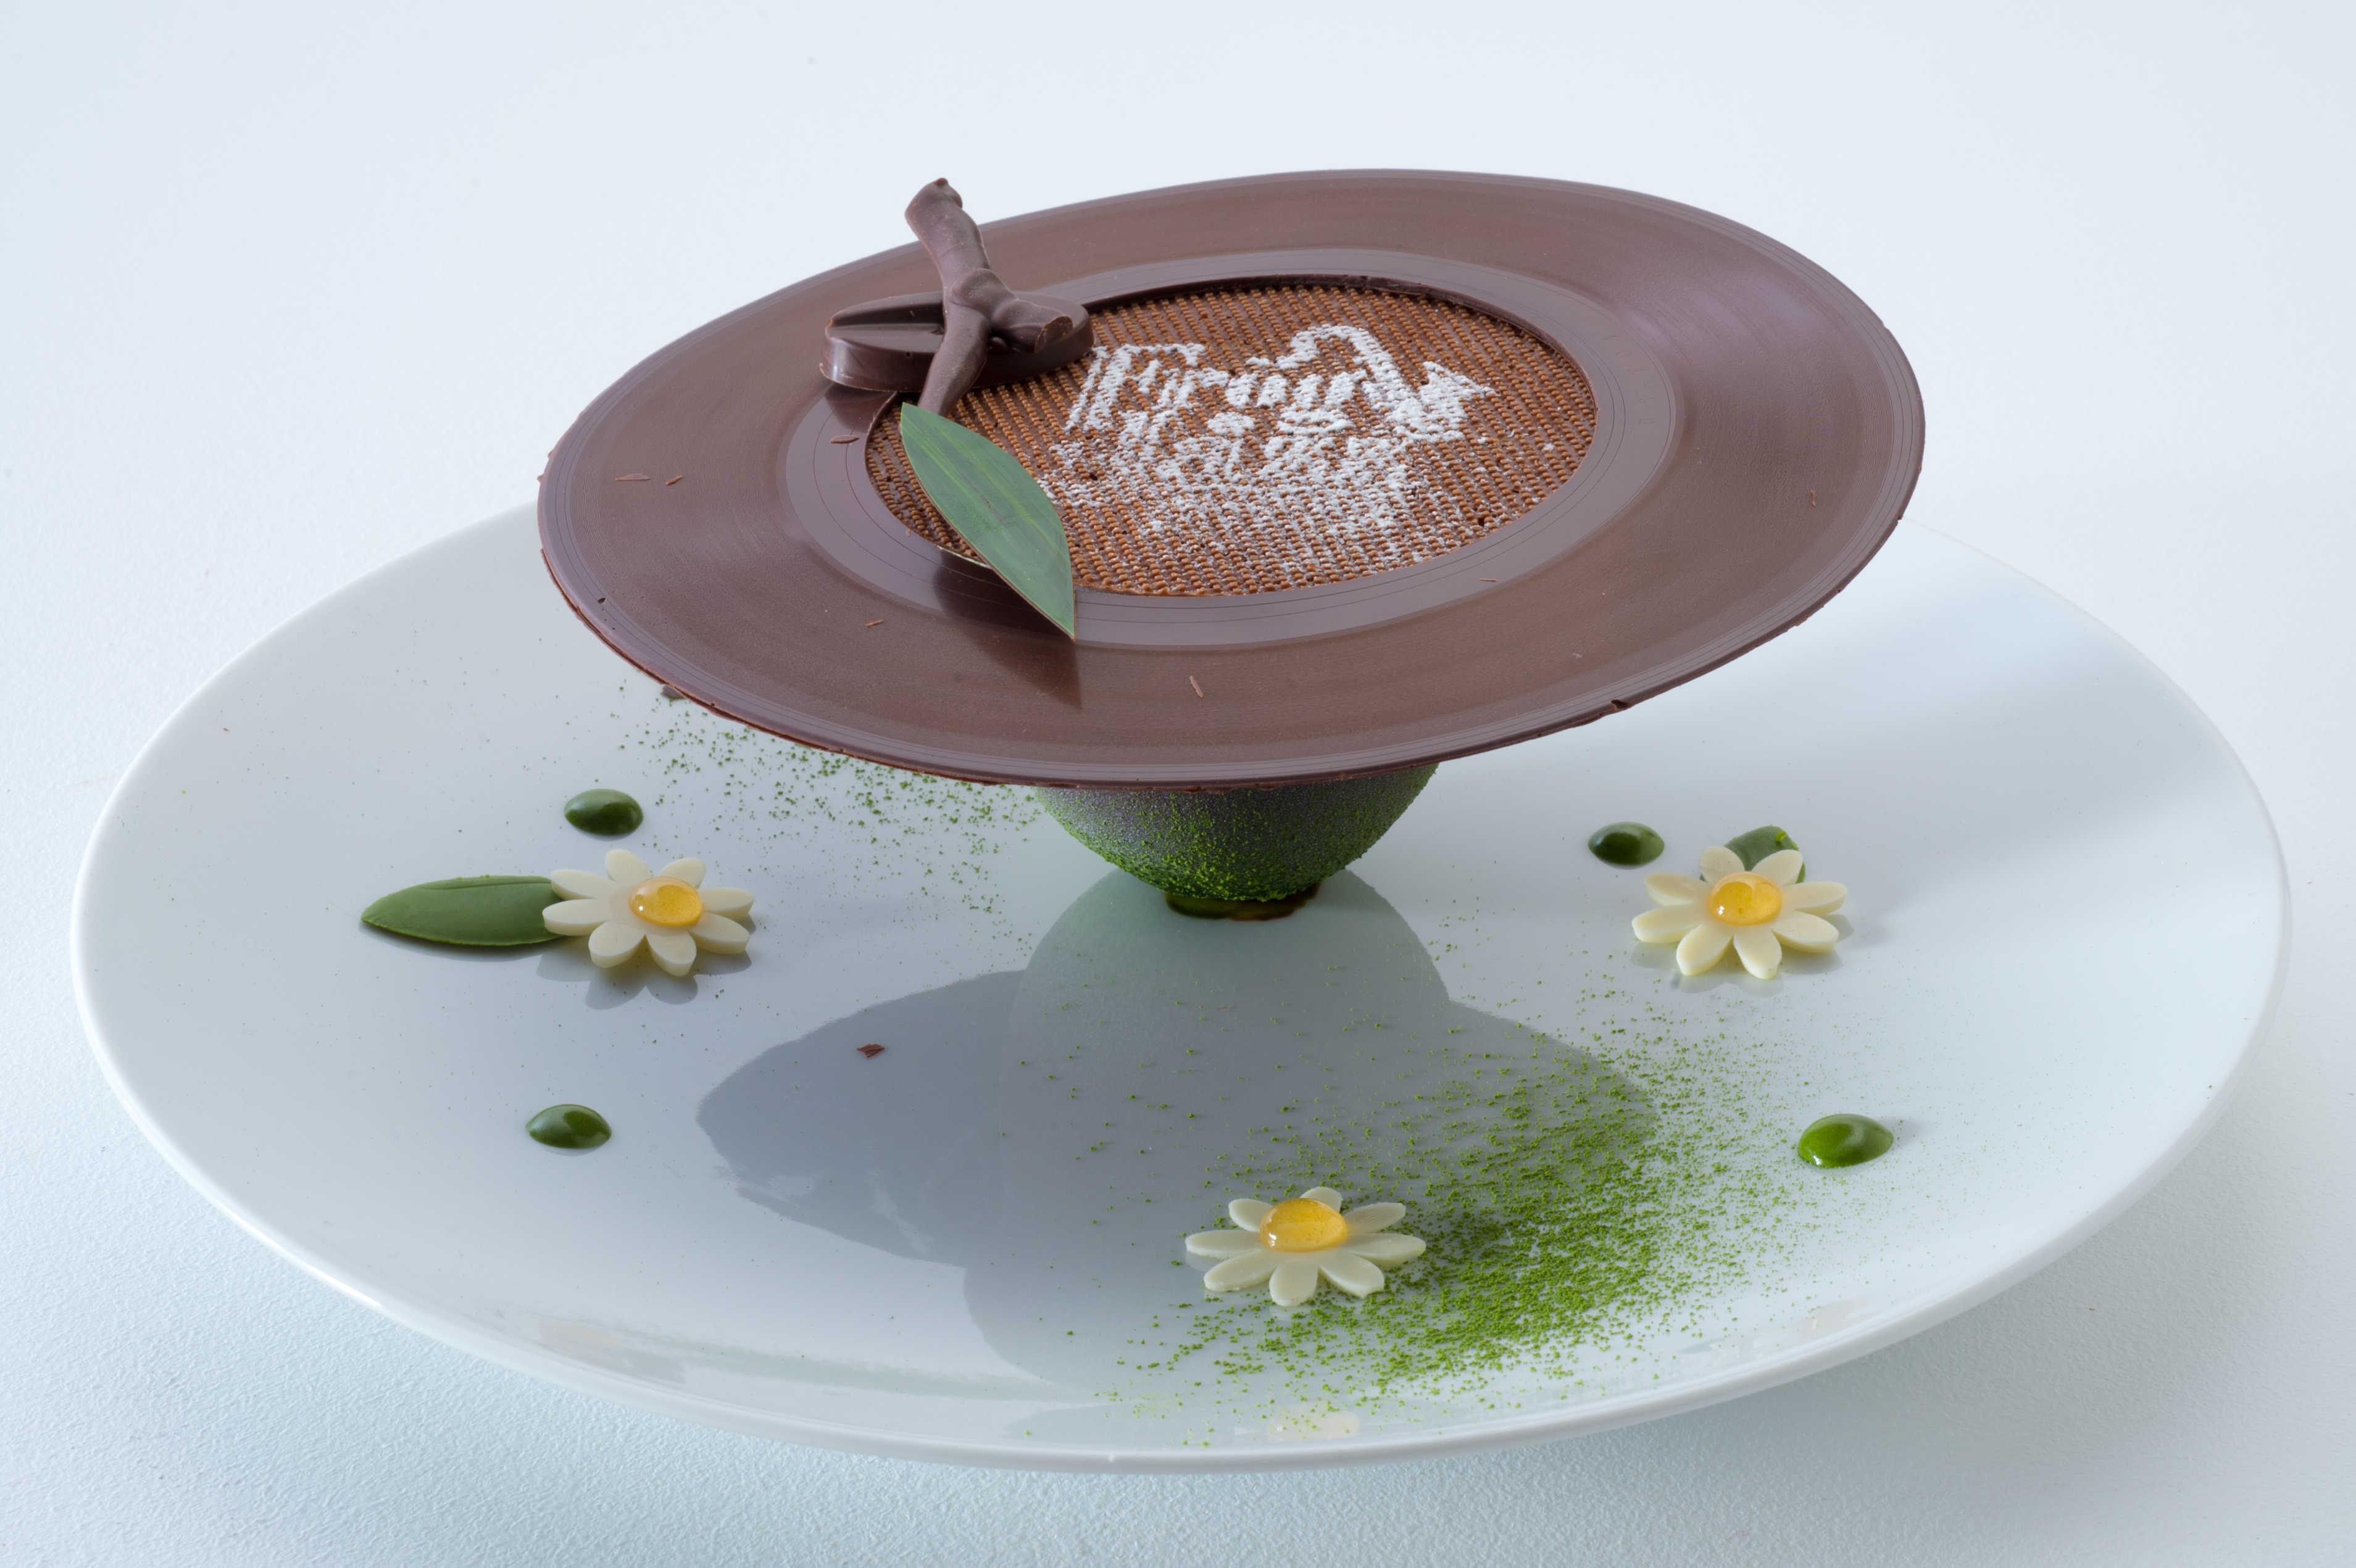 Coupe du monde de pâtisserie : dessert à l'assiette - Japon